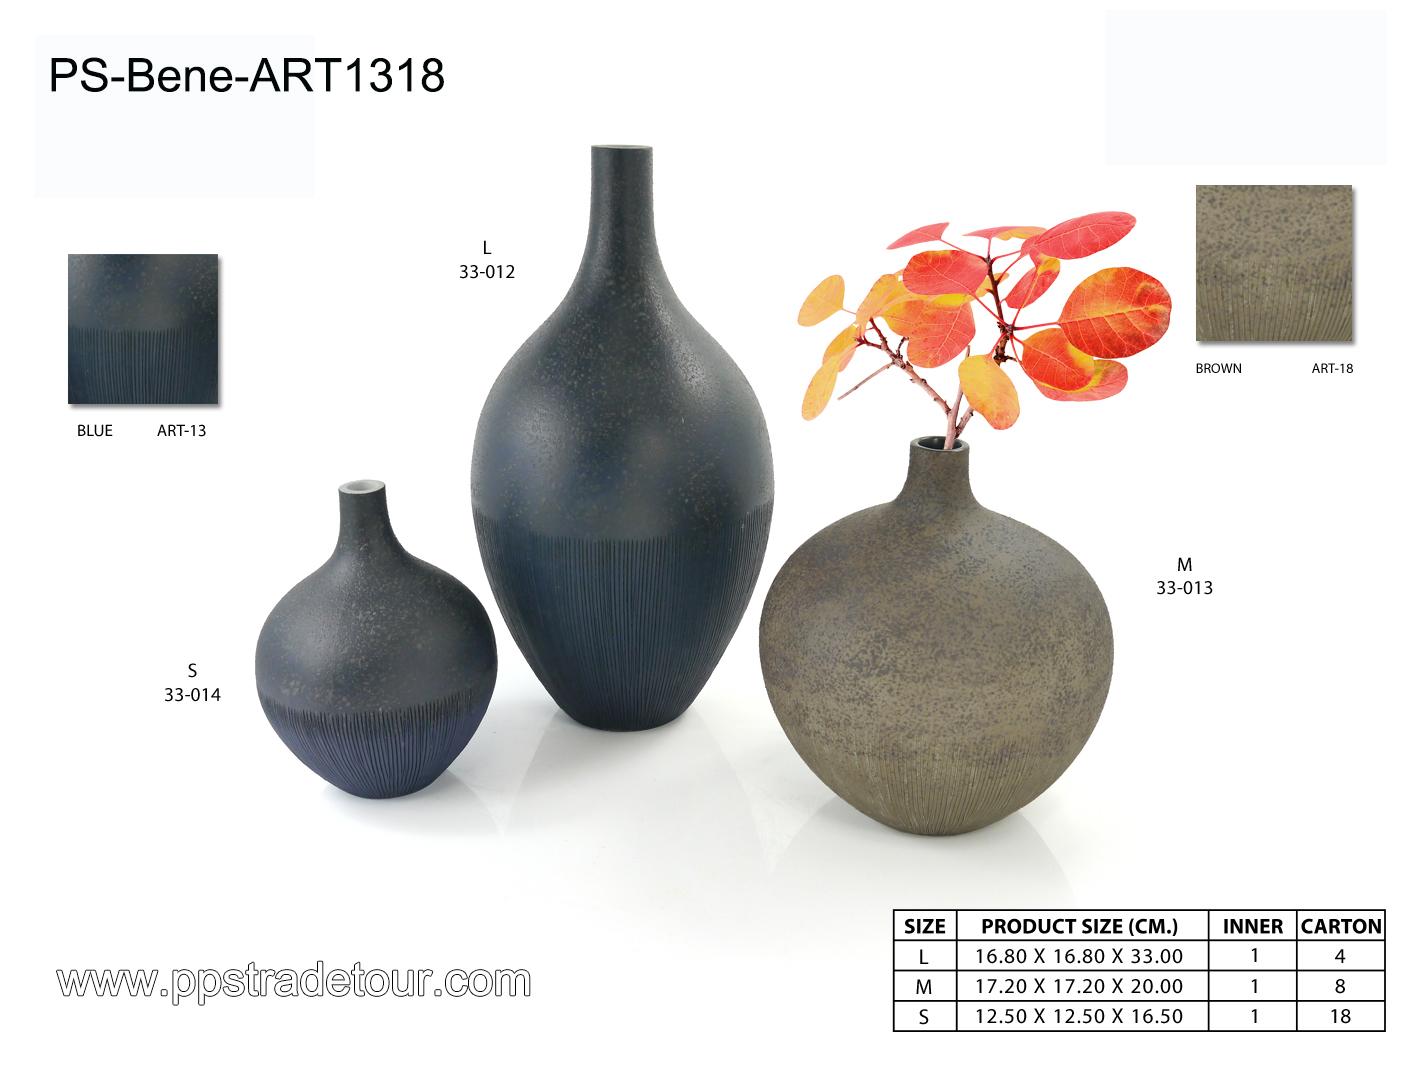 PSCV-Bene-ART1318